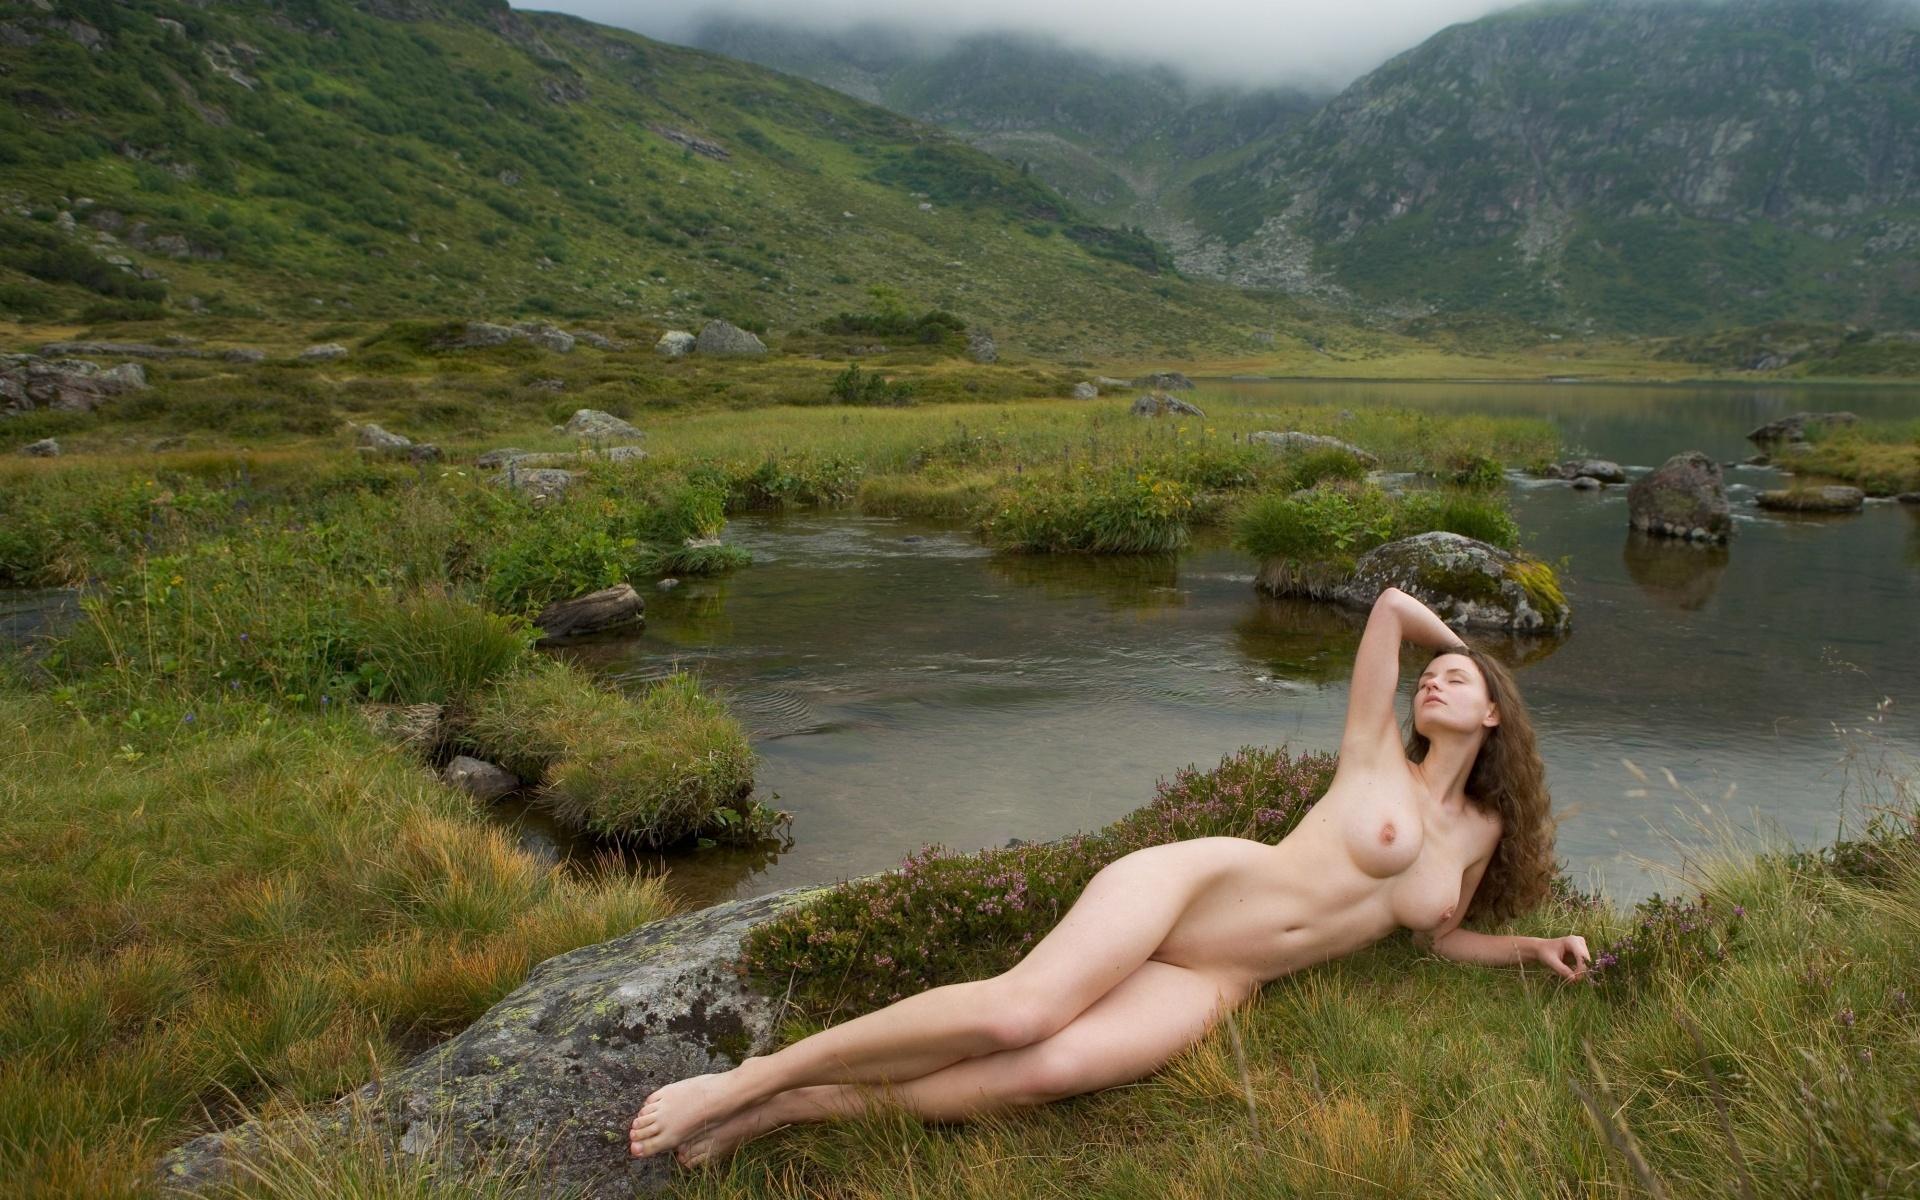 Шотландия эротика красивые девушки